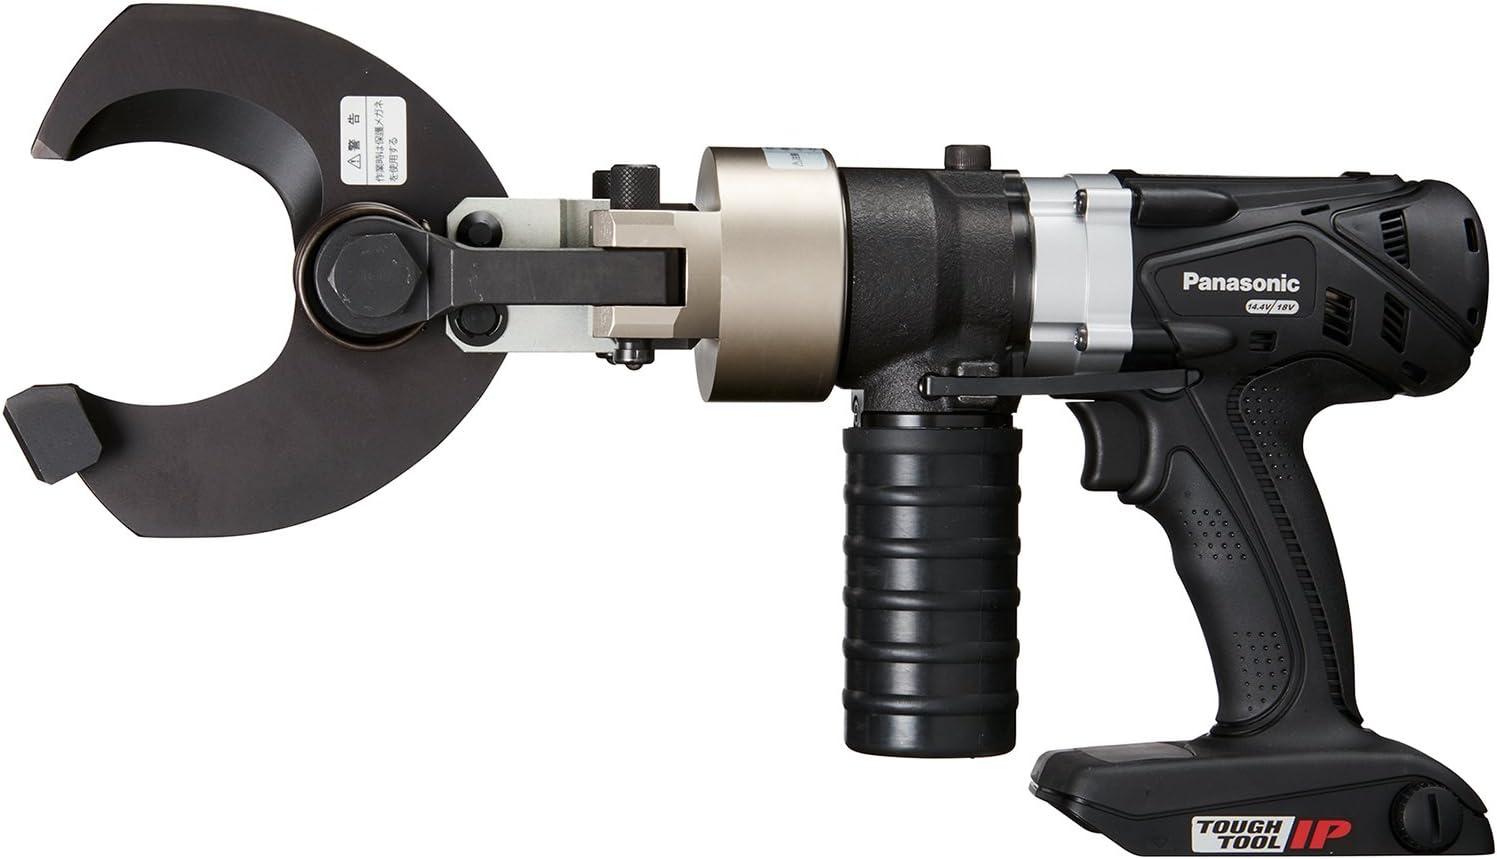 パナソニック(Panasonic) 充電デュアル ケーブルカッター EZ45A6K-B